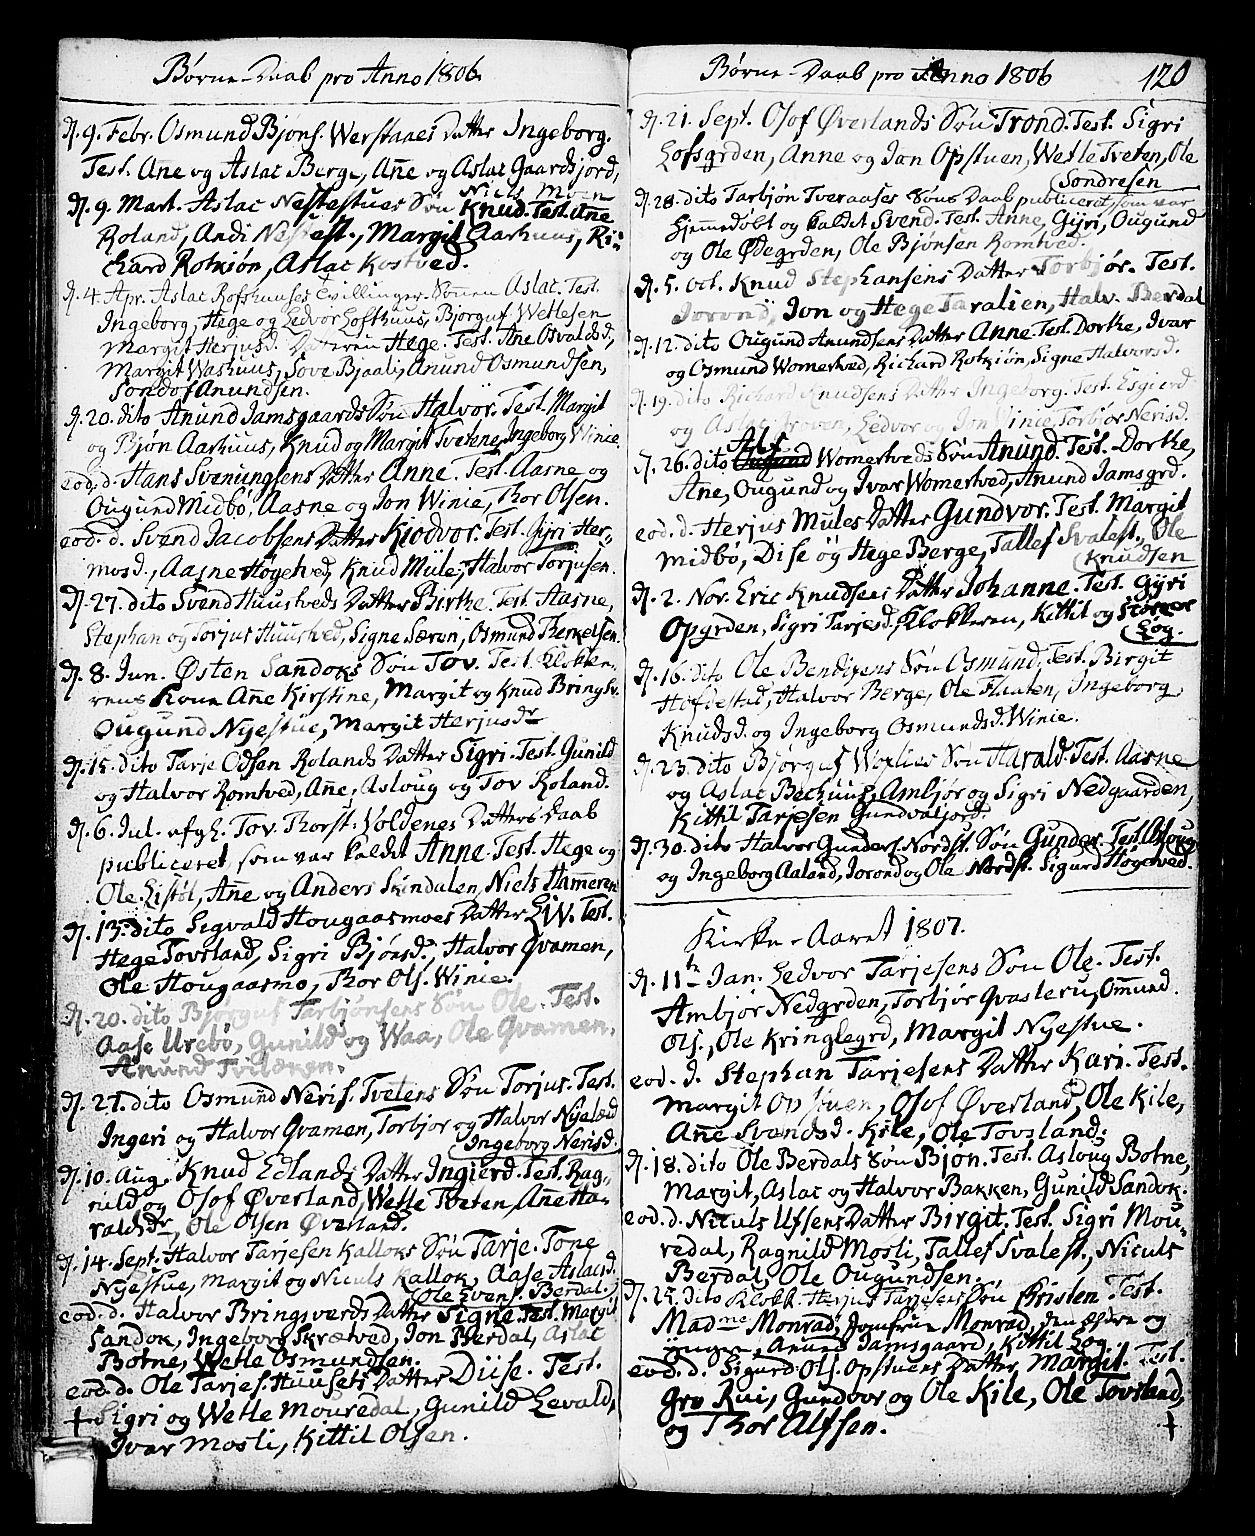 SAKO, Vinje kirkebøker, F/Fa/L0002: Ministerialbok nr. I 2, 1767-1814, s. 120